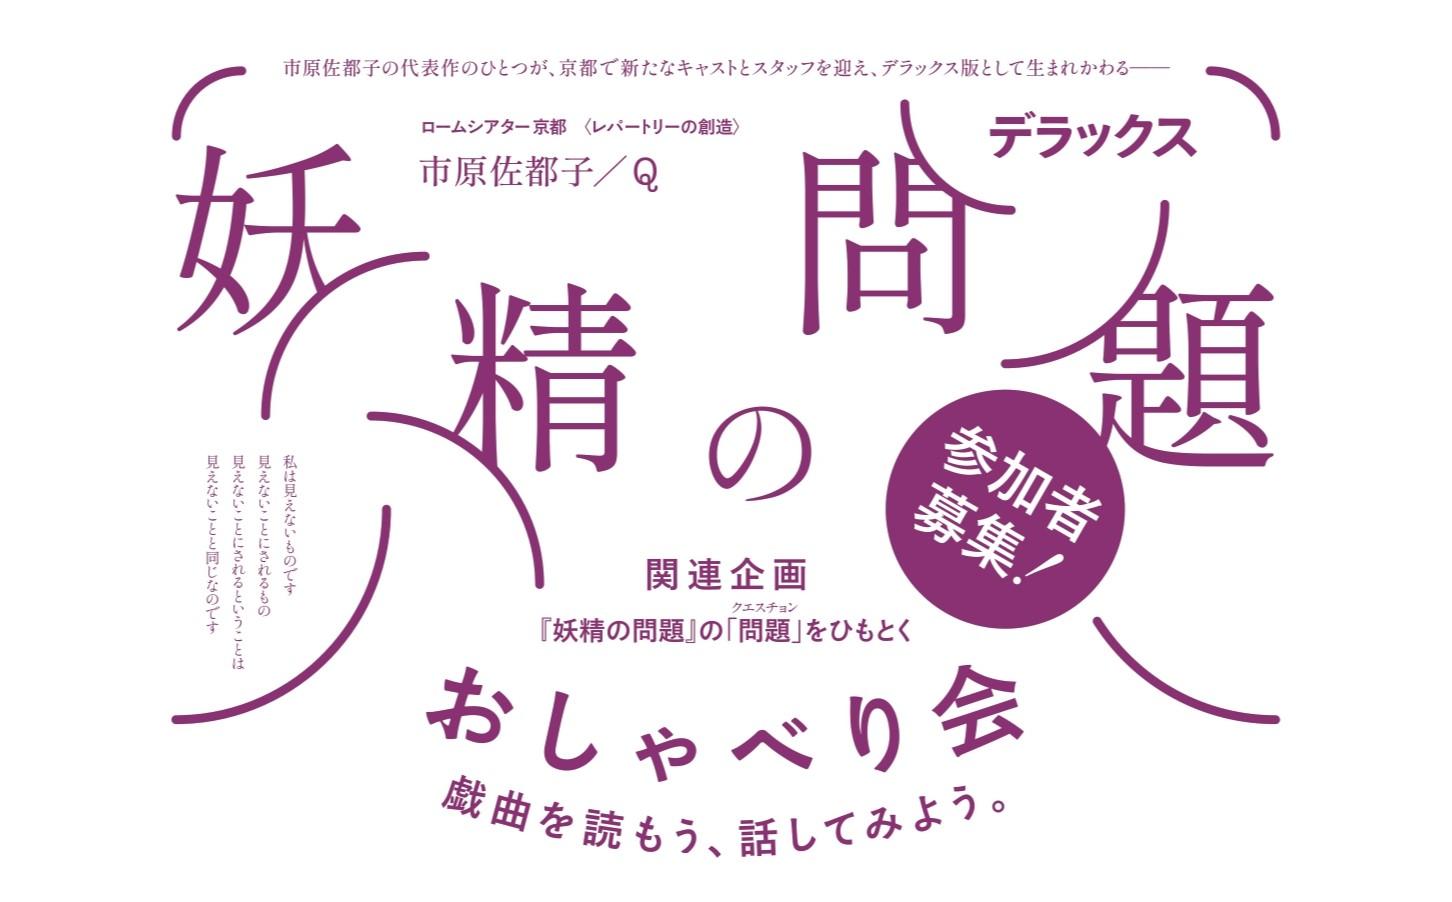 市原佐都子/Q「妖精の問題 デラックス」関連企画 おしゃべり会「戯曲を読もう、話してみよう。」